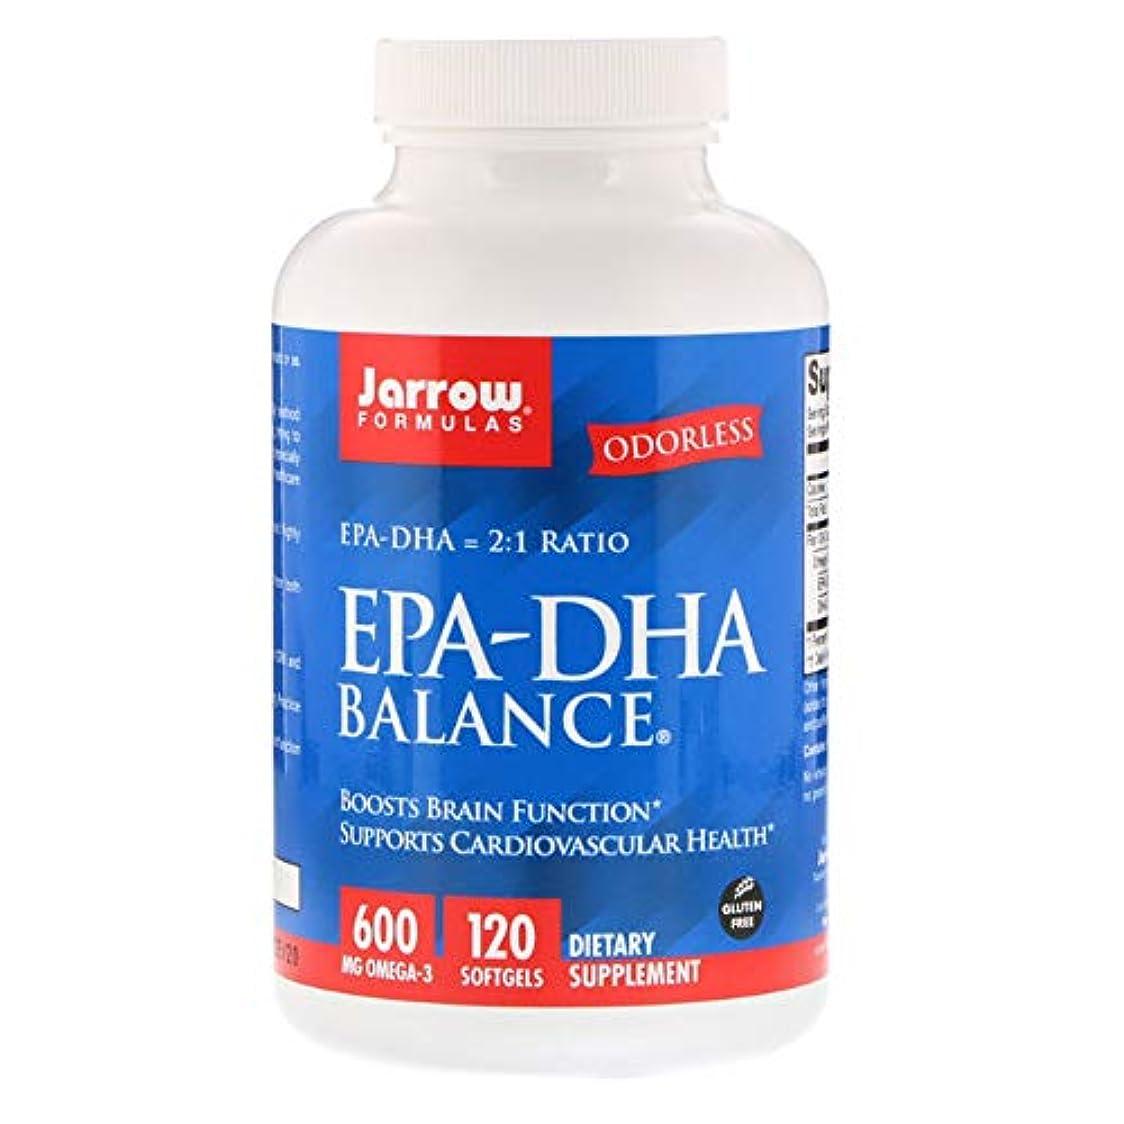 信念非互換セマフォJarrow Formulas EPA DHA Balance ソフトジェル 120粒 【アメリカ直送】